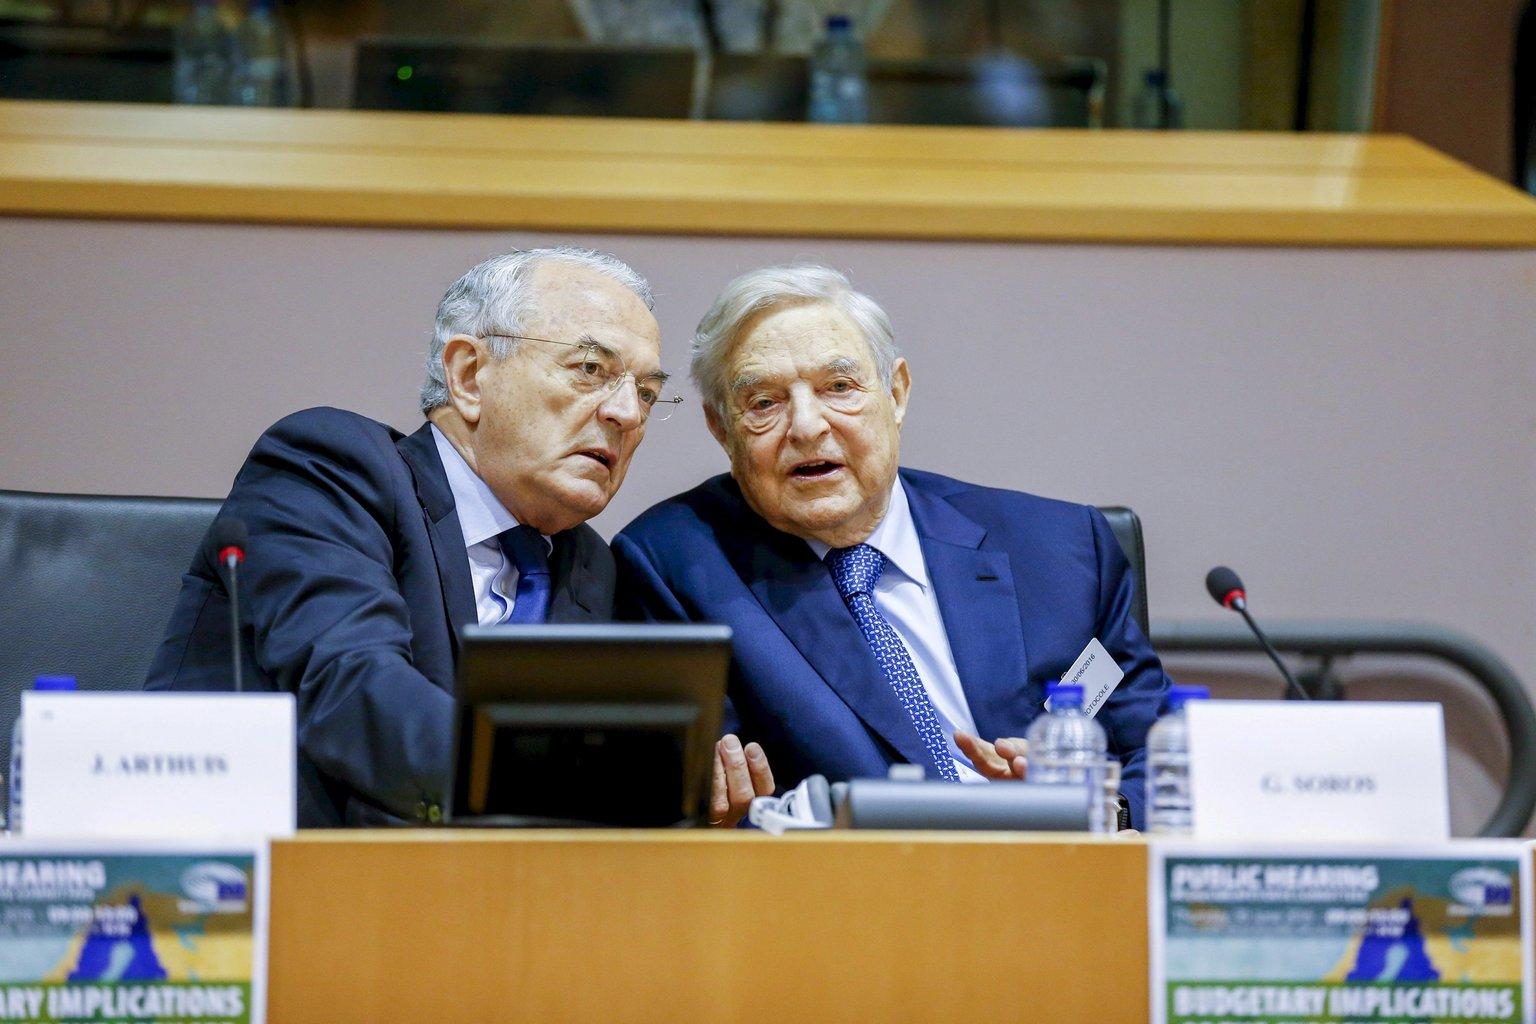 Az Európai Parlament által közreadott képen Jean Arthuis, az Európai Parlament Költségvetési Bizottságának elnöke (b) és Soros György magyar származású amerikai üzletember, a New York-i Soros Fund Management befektetési társaság elnöke az EP fejlesztési, költségvetési, bel- és igazságügyi bizottságainak közös konferenciáján Brüsszelben 2016. június 30-án. (MTI/Európai Parlament/Philippe Buissin)